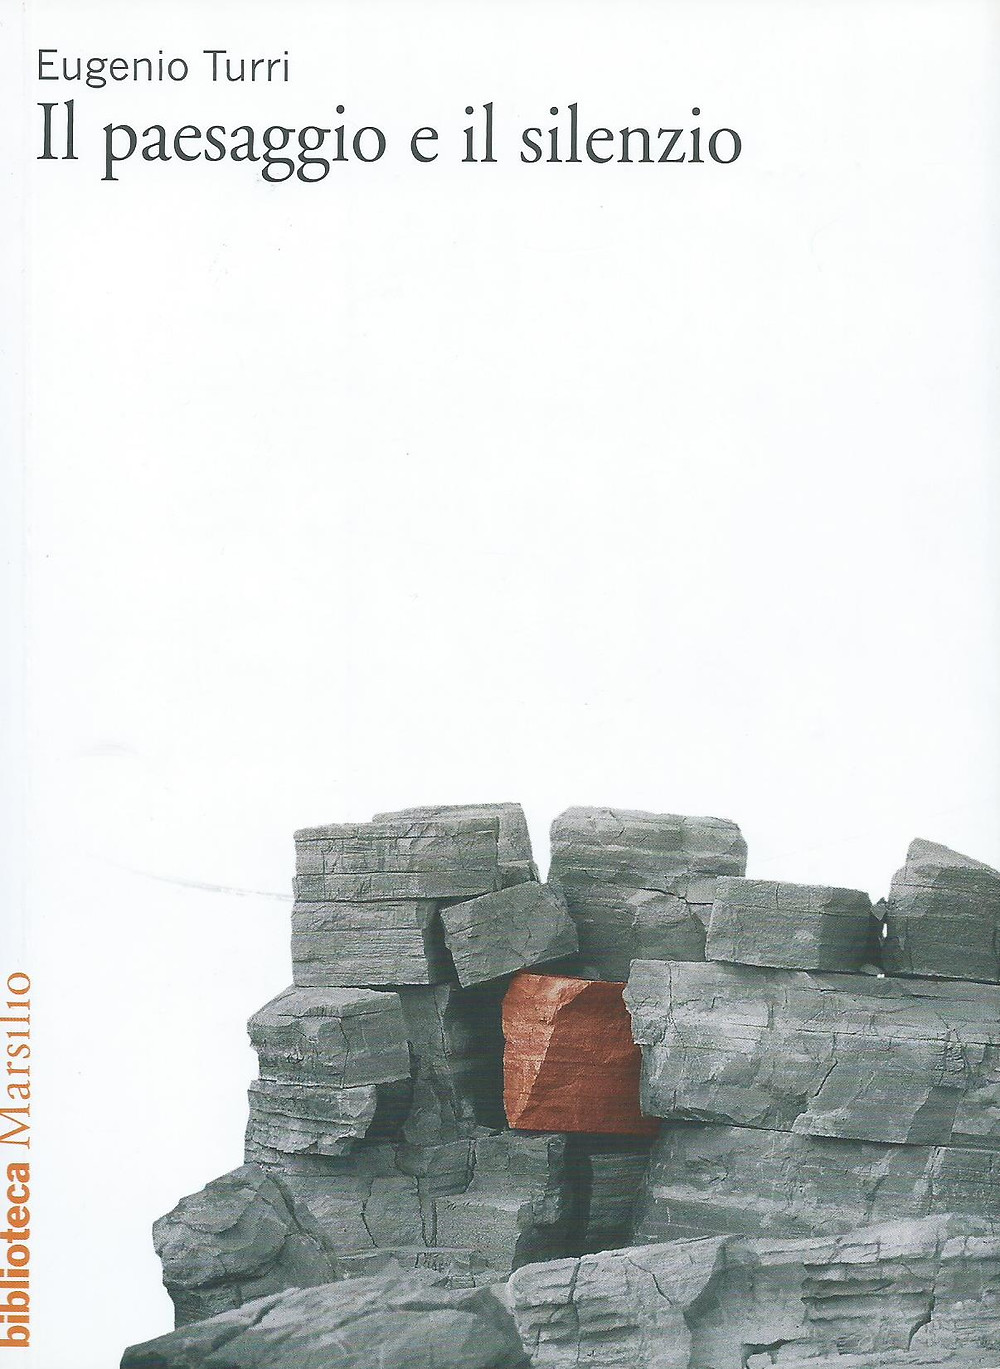 Eugenio Turri, Il paesaggio e il silenzio